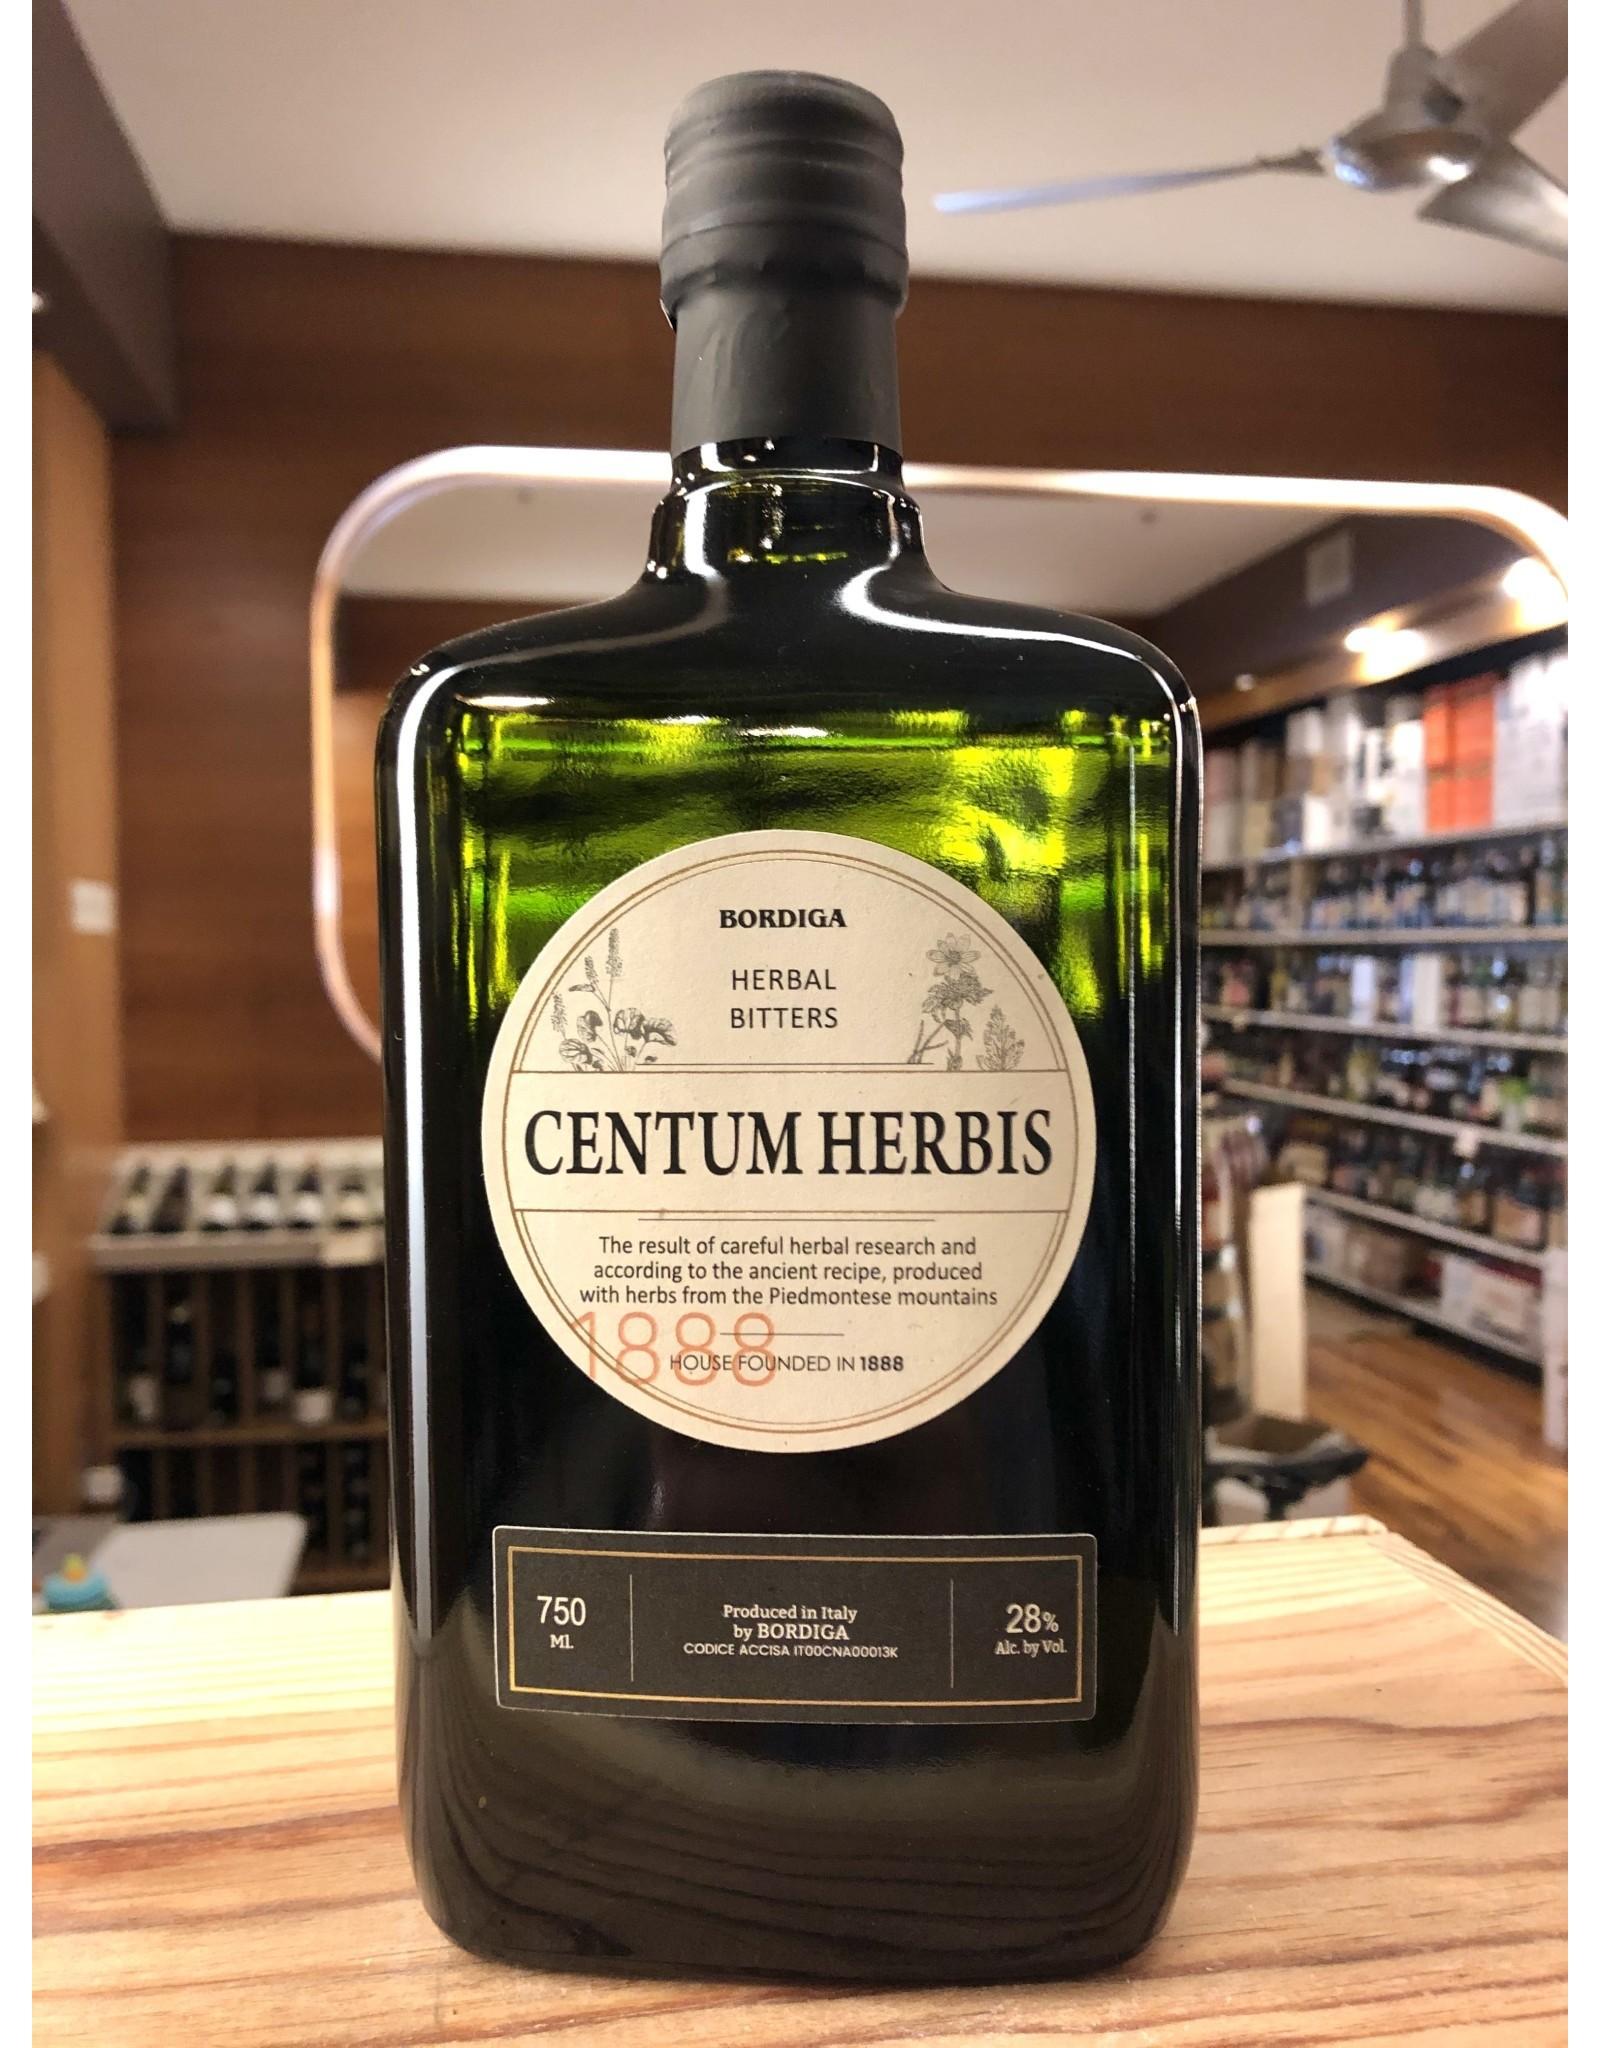 Centum Herbis Bordiga - 750 ML